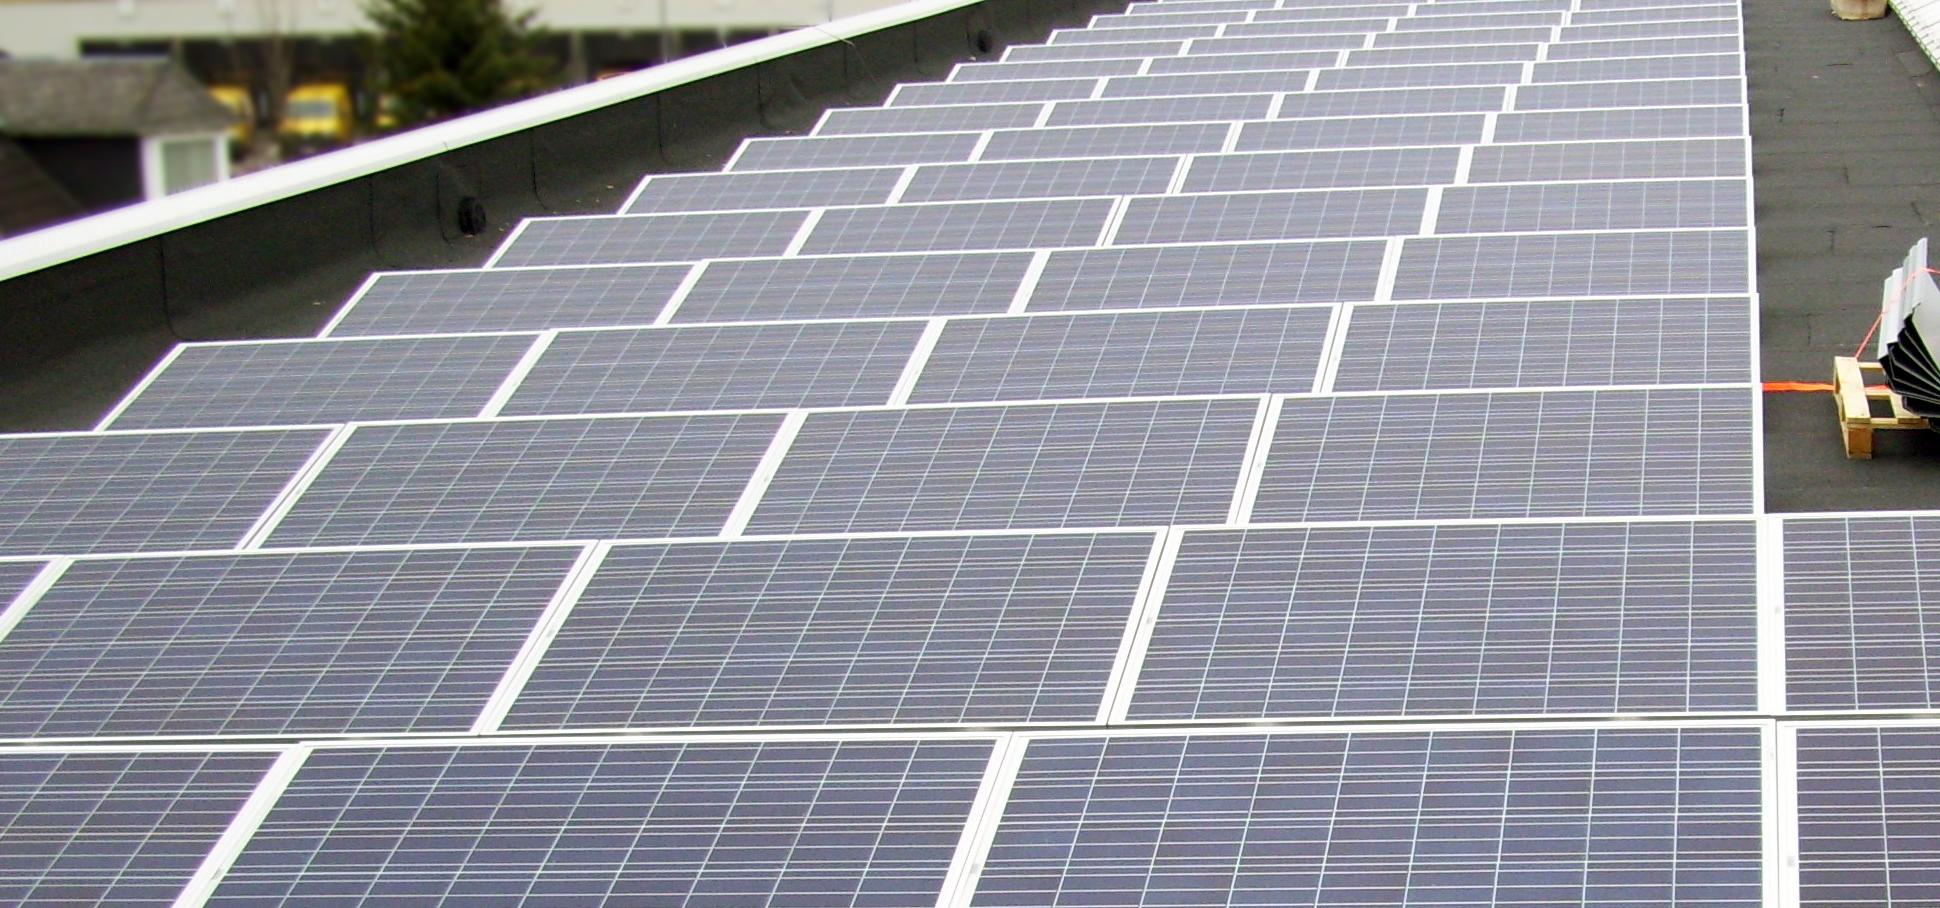 Solartechnik Bild 1